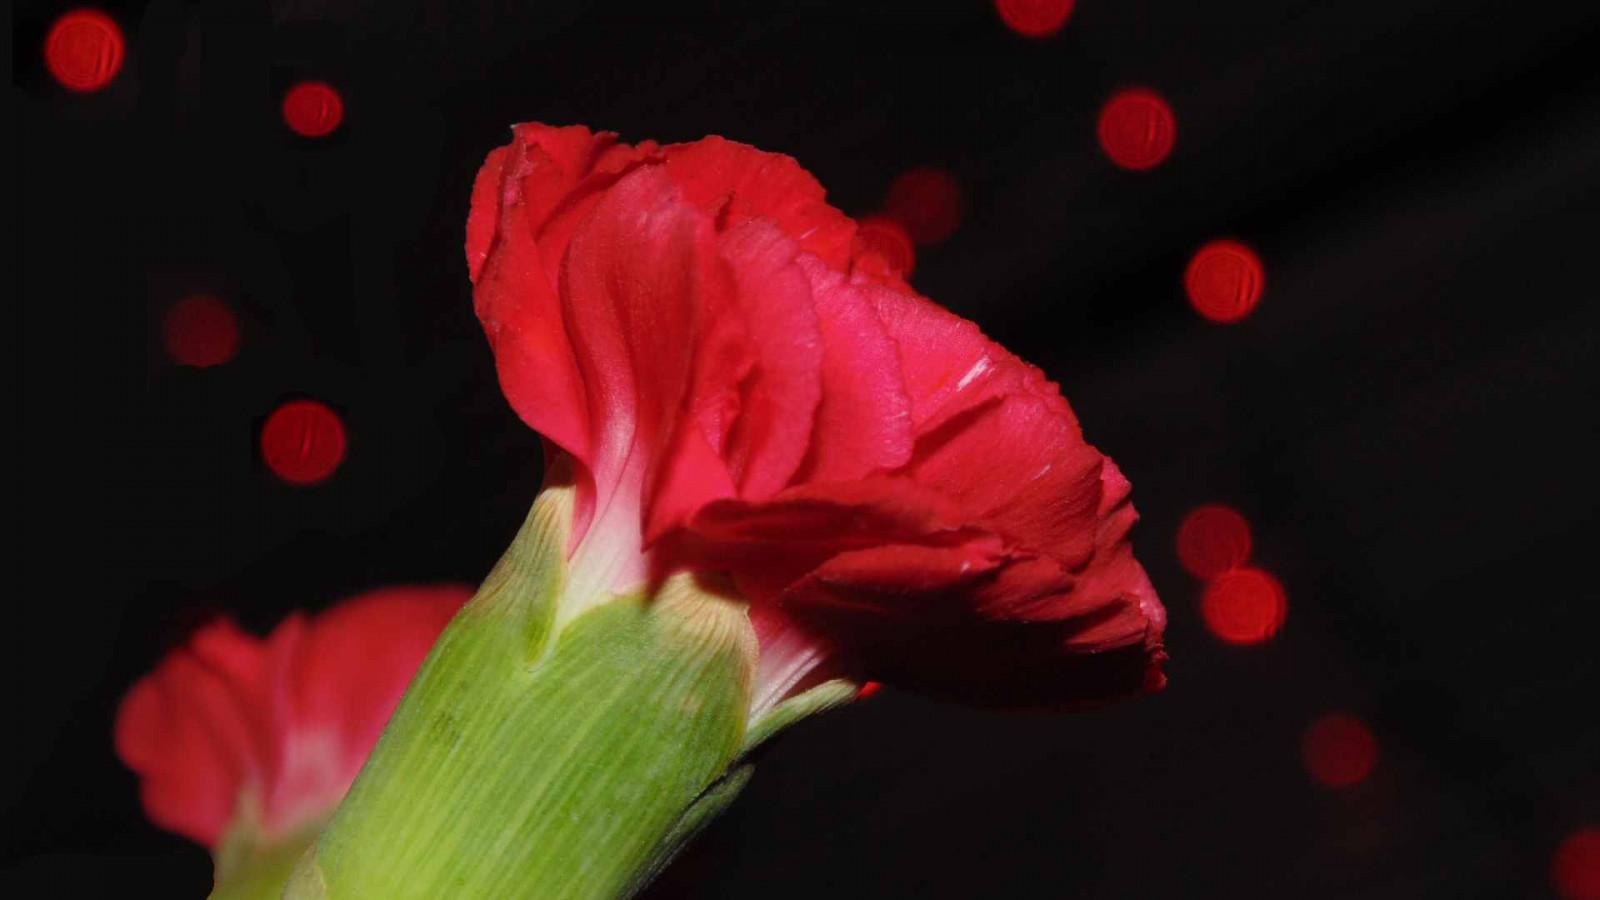 Wallpaper flowers light red flower love beautiful lights flowers light red flower love beautiful lights petals rojo pretty bokeh petal carnation carnations mightylinksfo